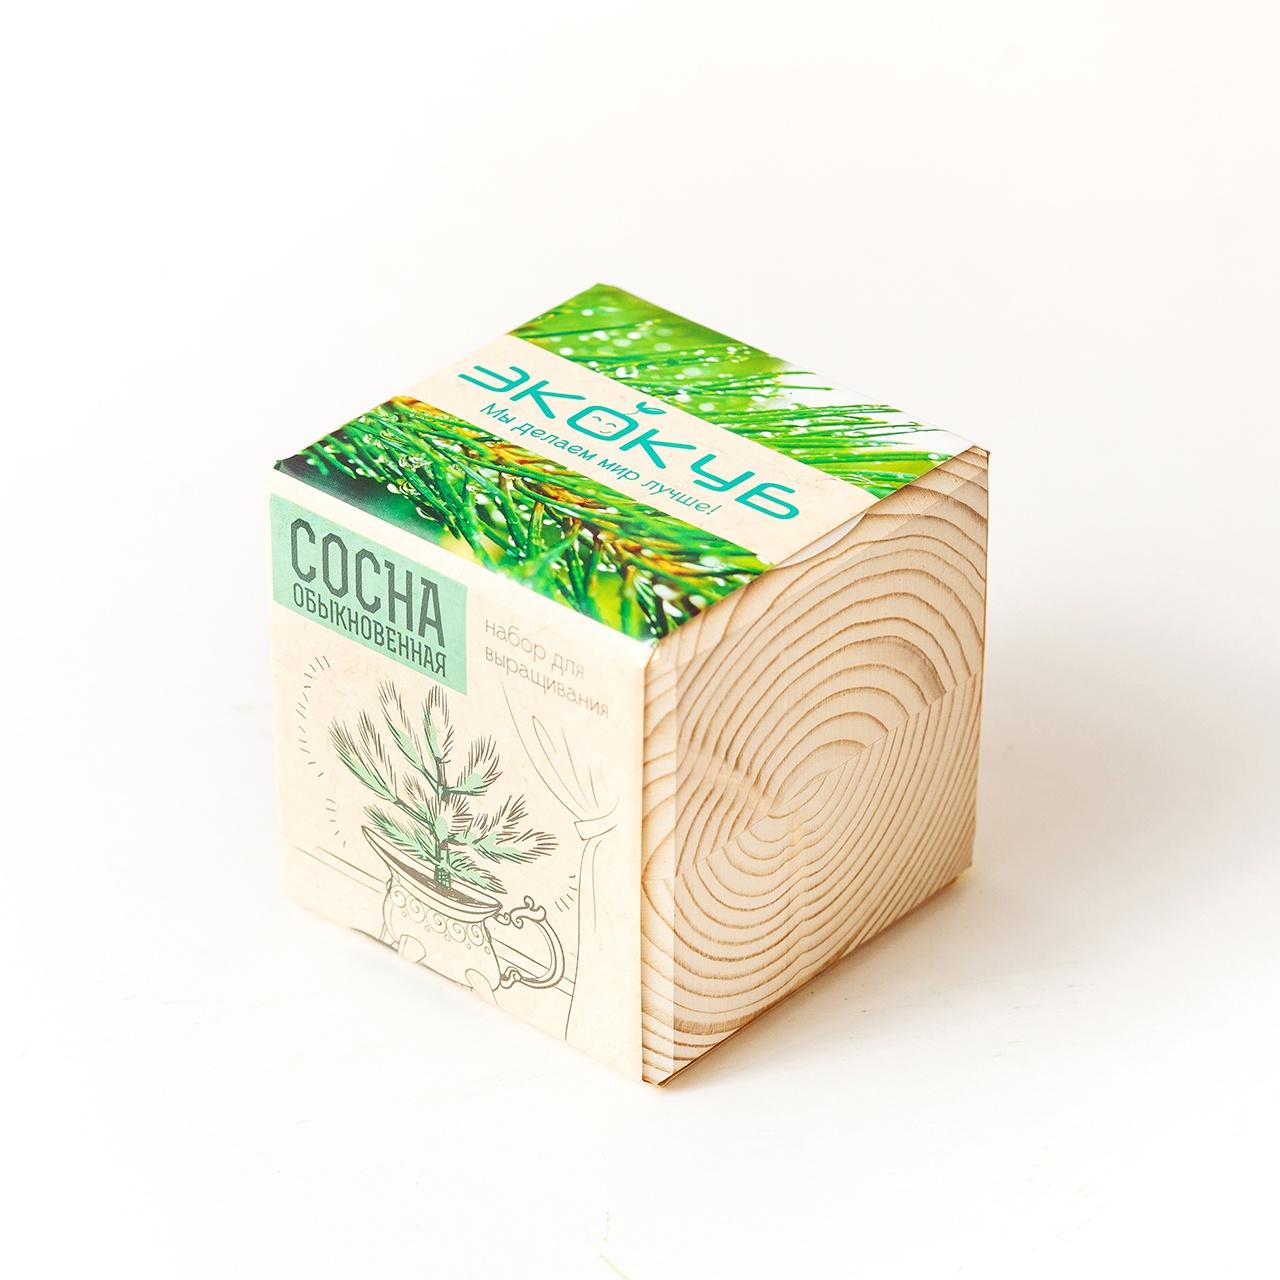 Набор для выращивания Экокуб Сосна набор для опытов и экспериментов набор для выращивания экокуб базилик